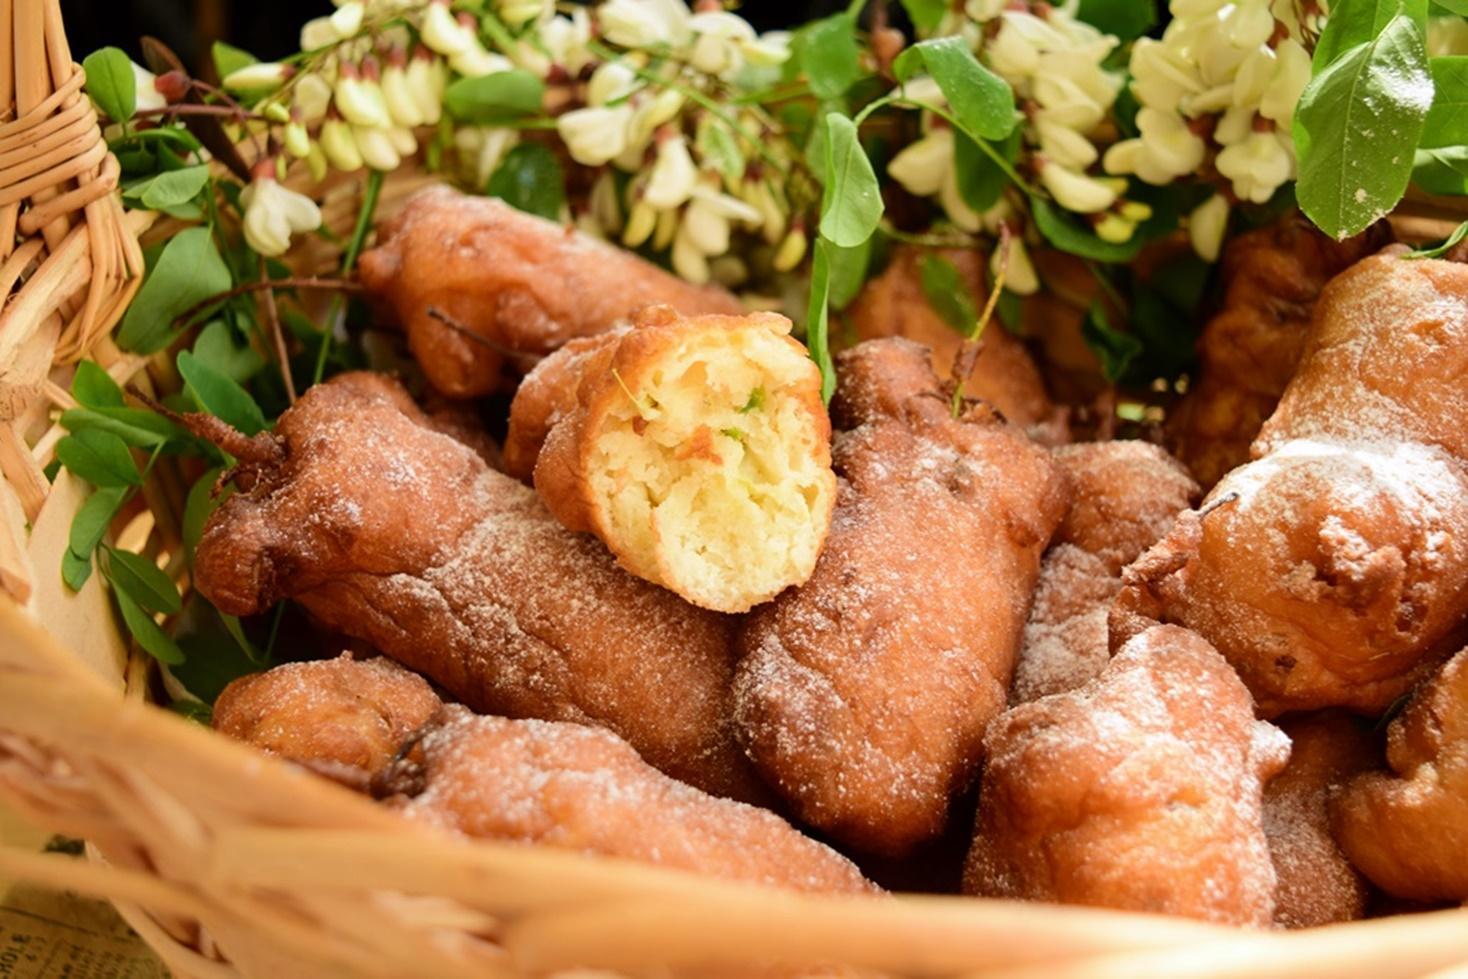 Cum preparăm gogoși cu flori de salcâm, foarte gustoase și aromate